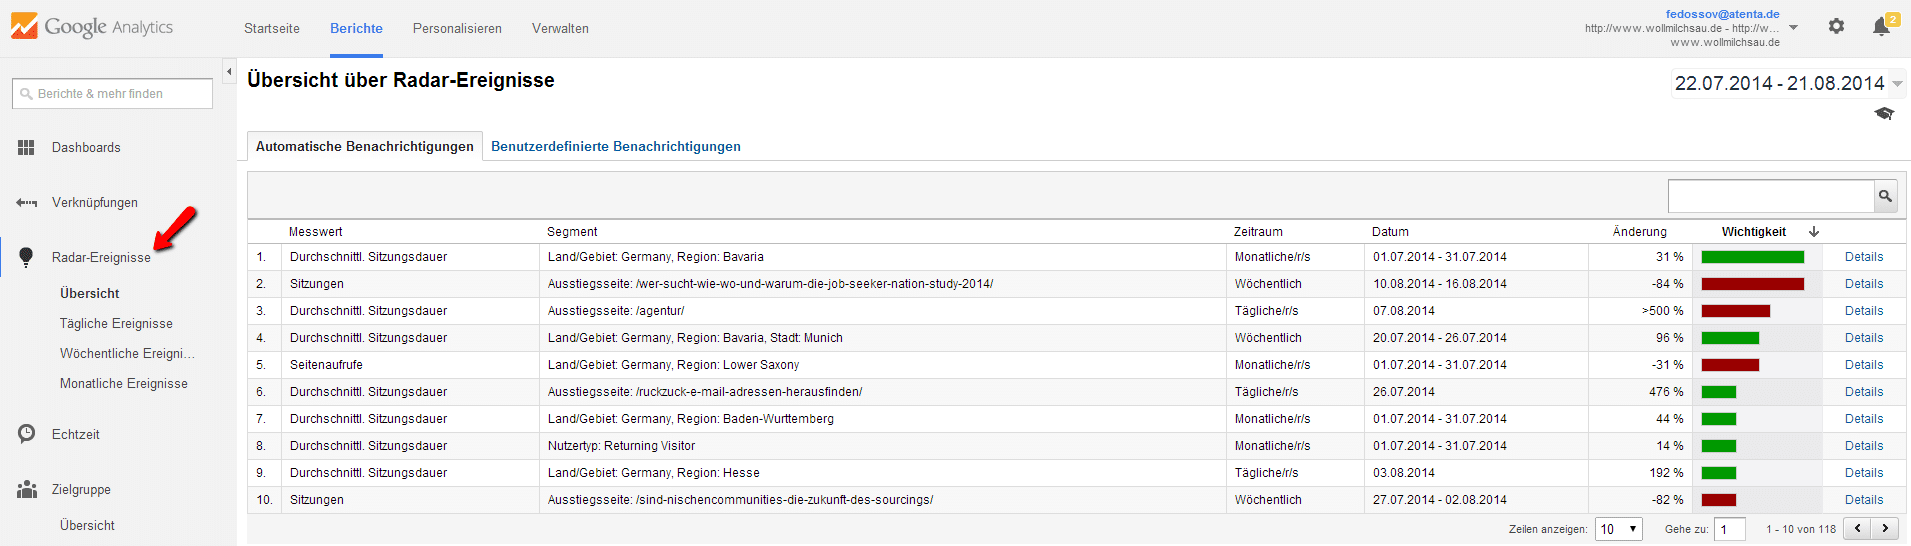 Übersicht aller Google Analytics Radar-Ereignisse